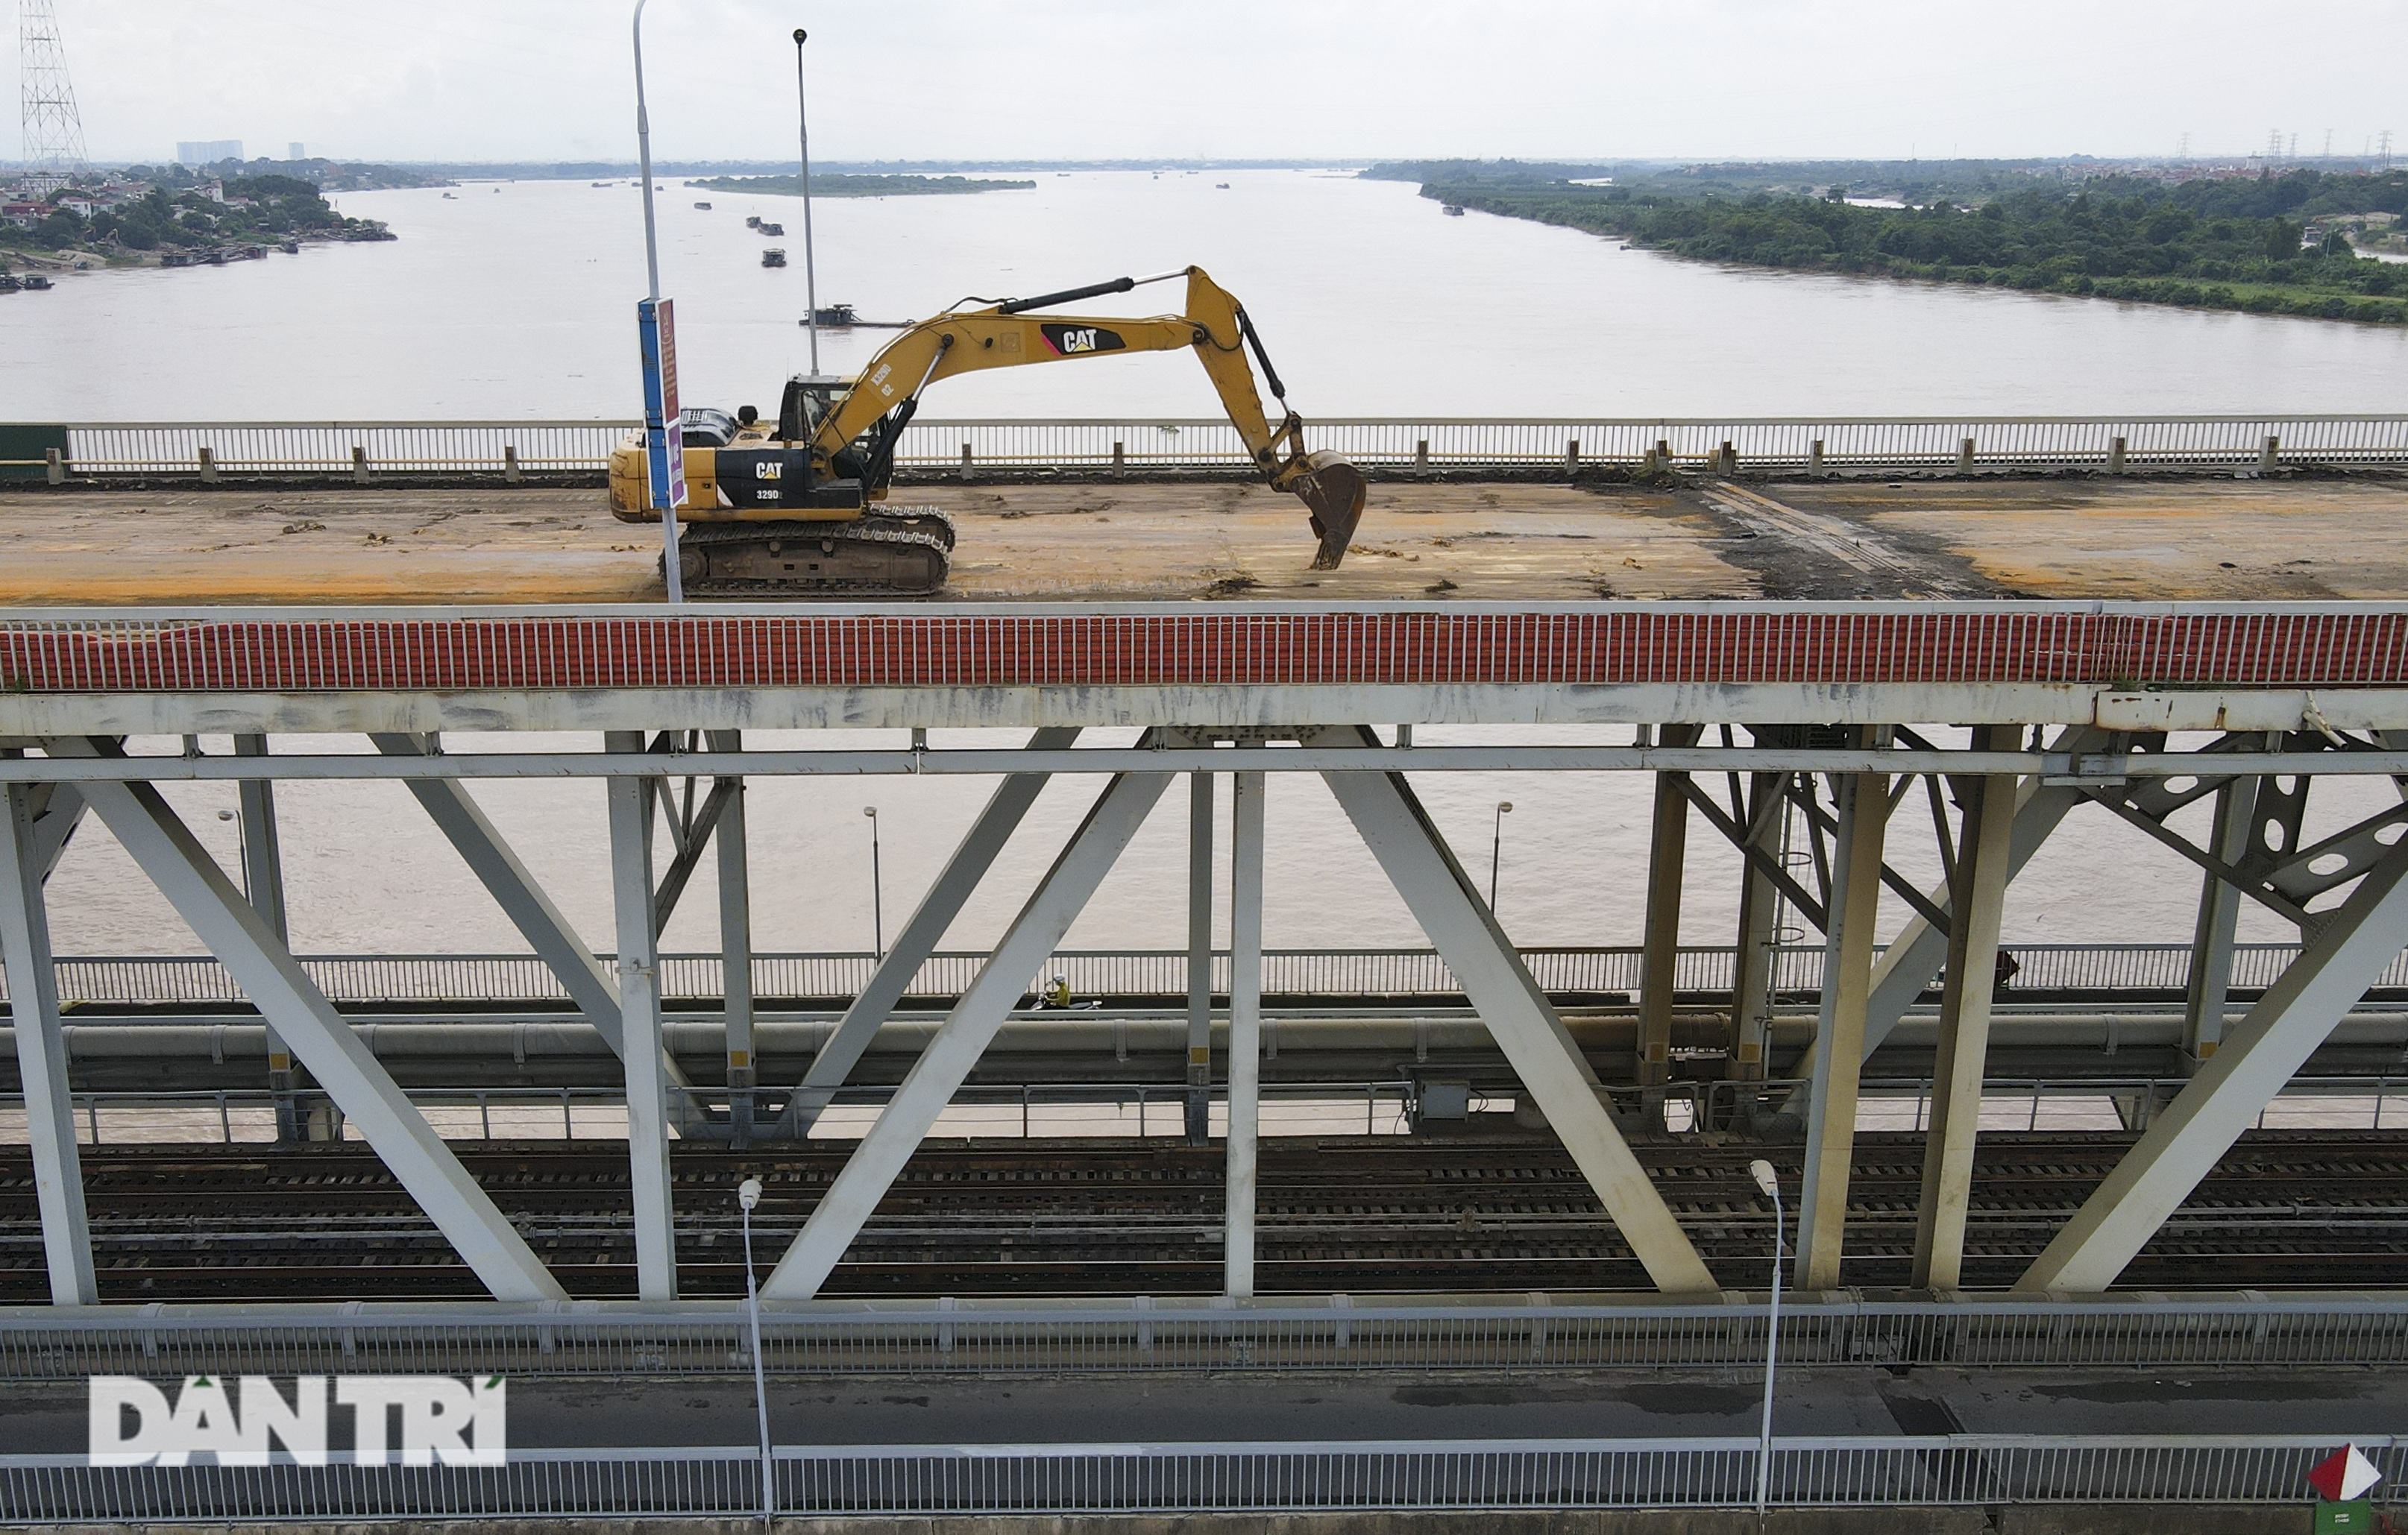 Cận cảnh đại công trường sửa chữa mặt cầu Thăng Long - 2